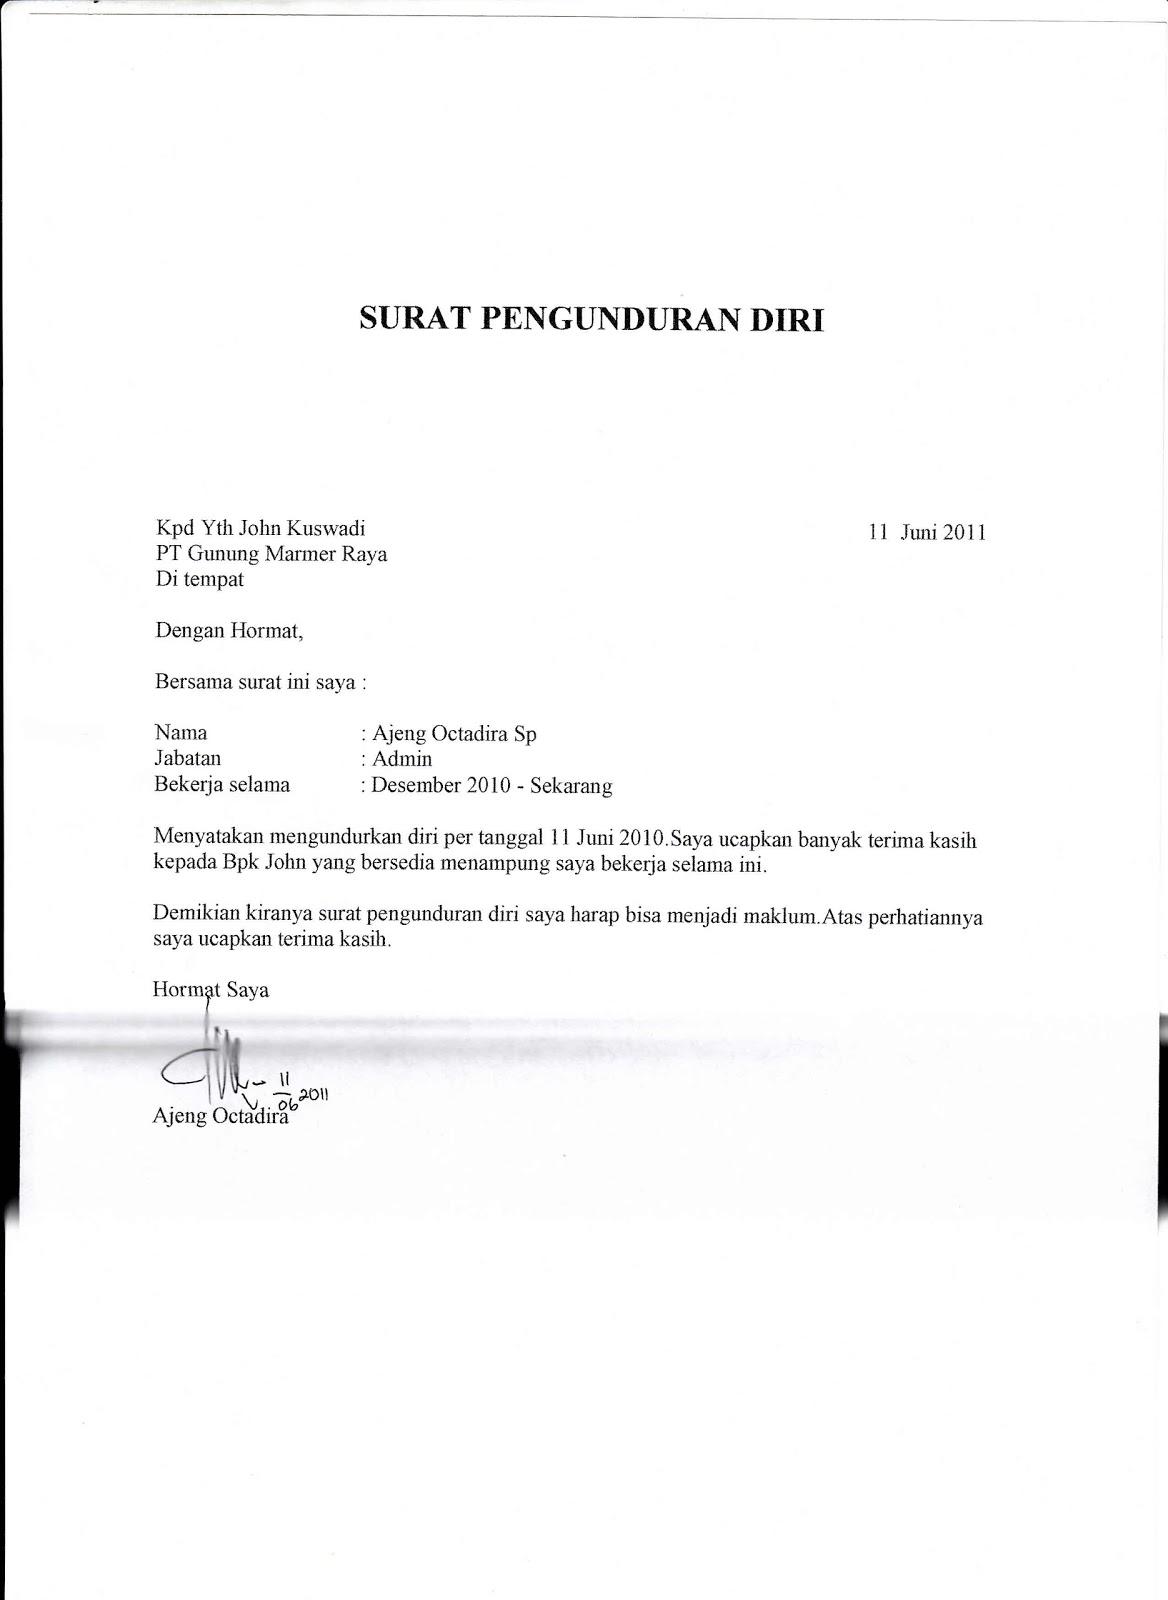 Contoh Surat Pengunduran Diri Resign Letter